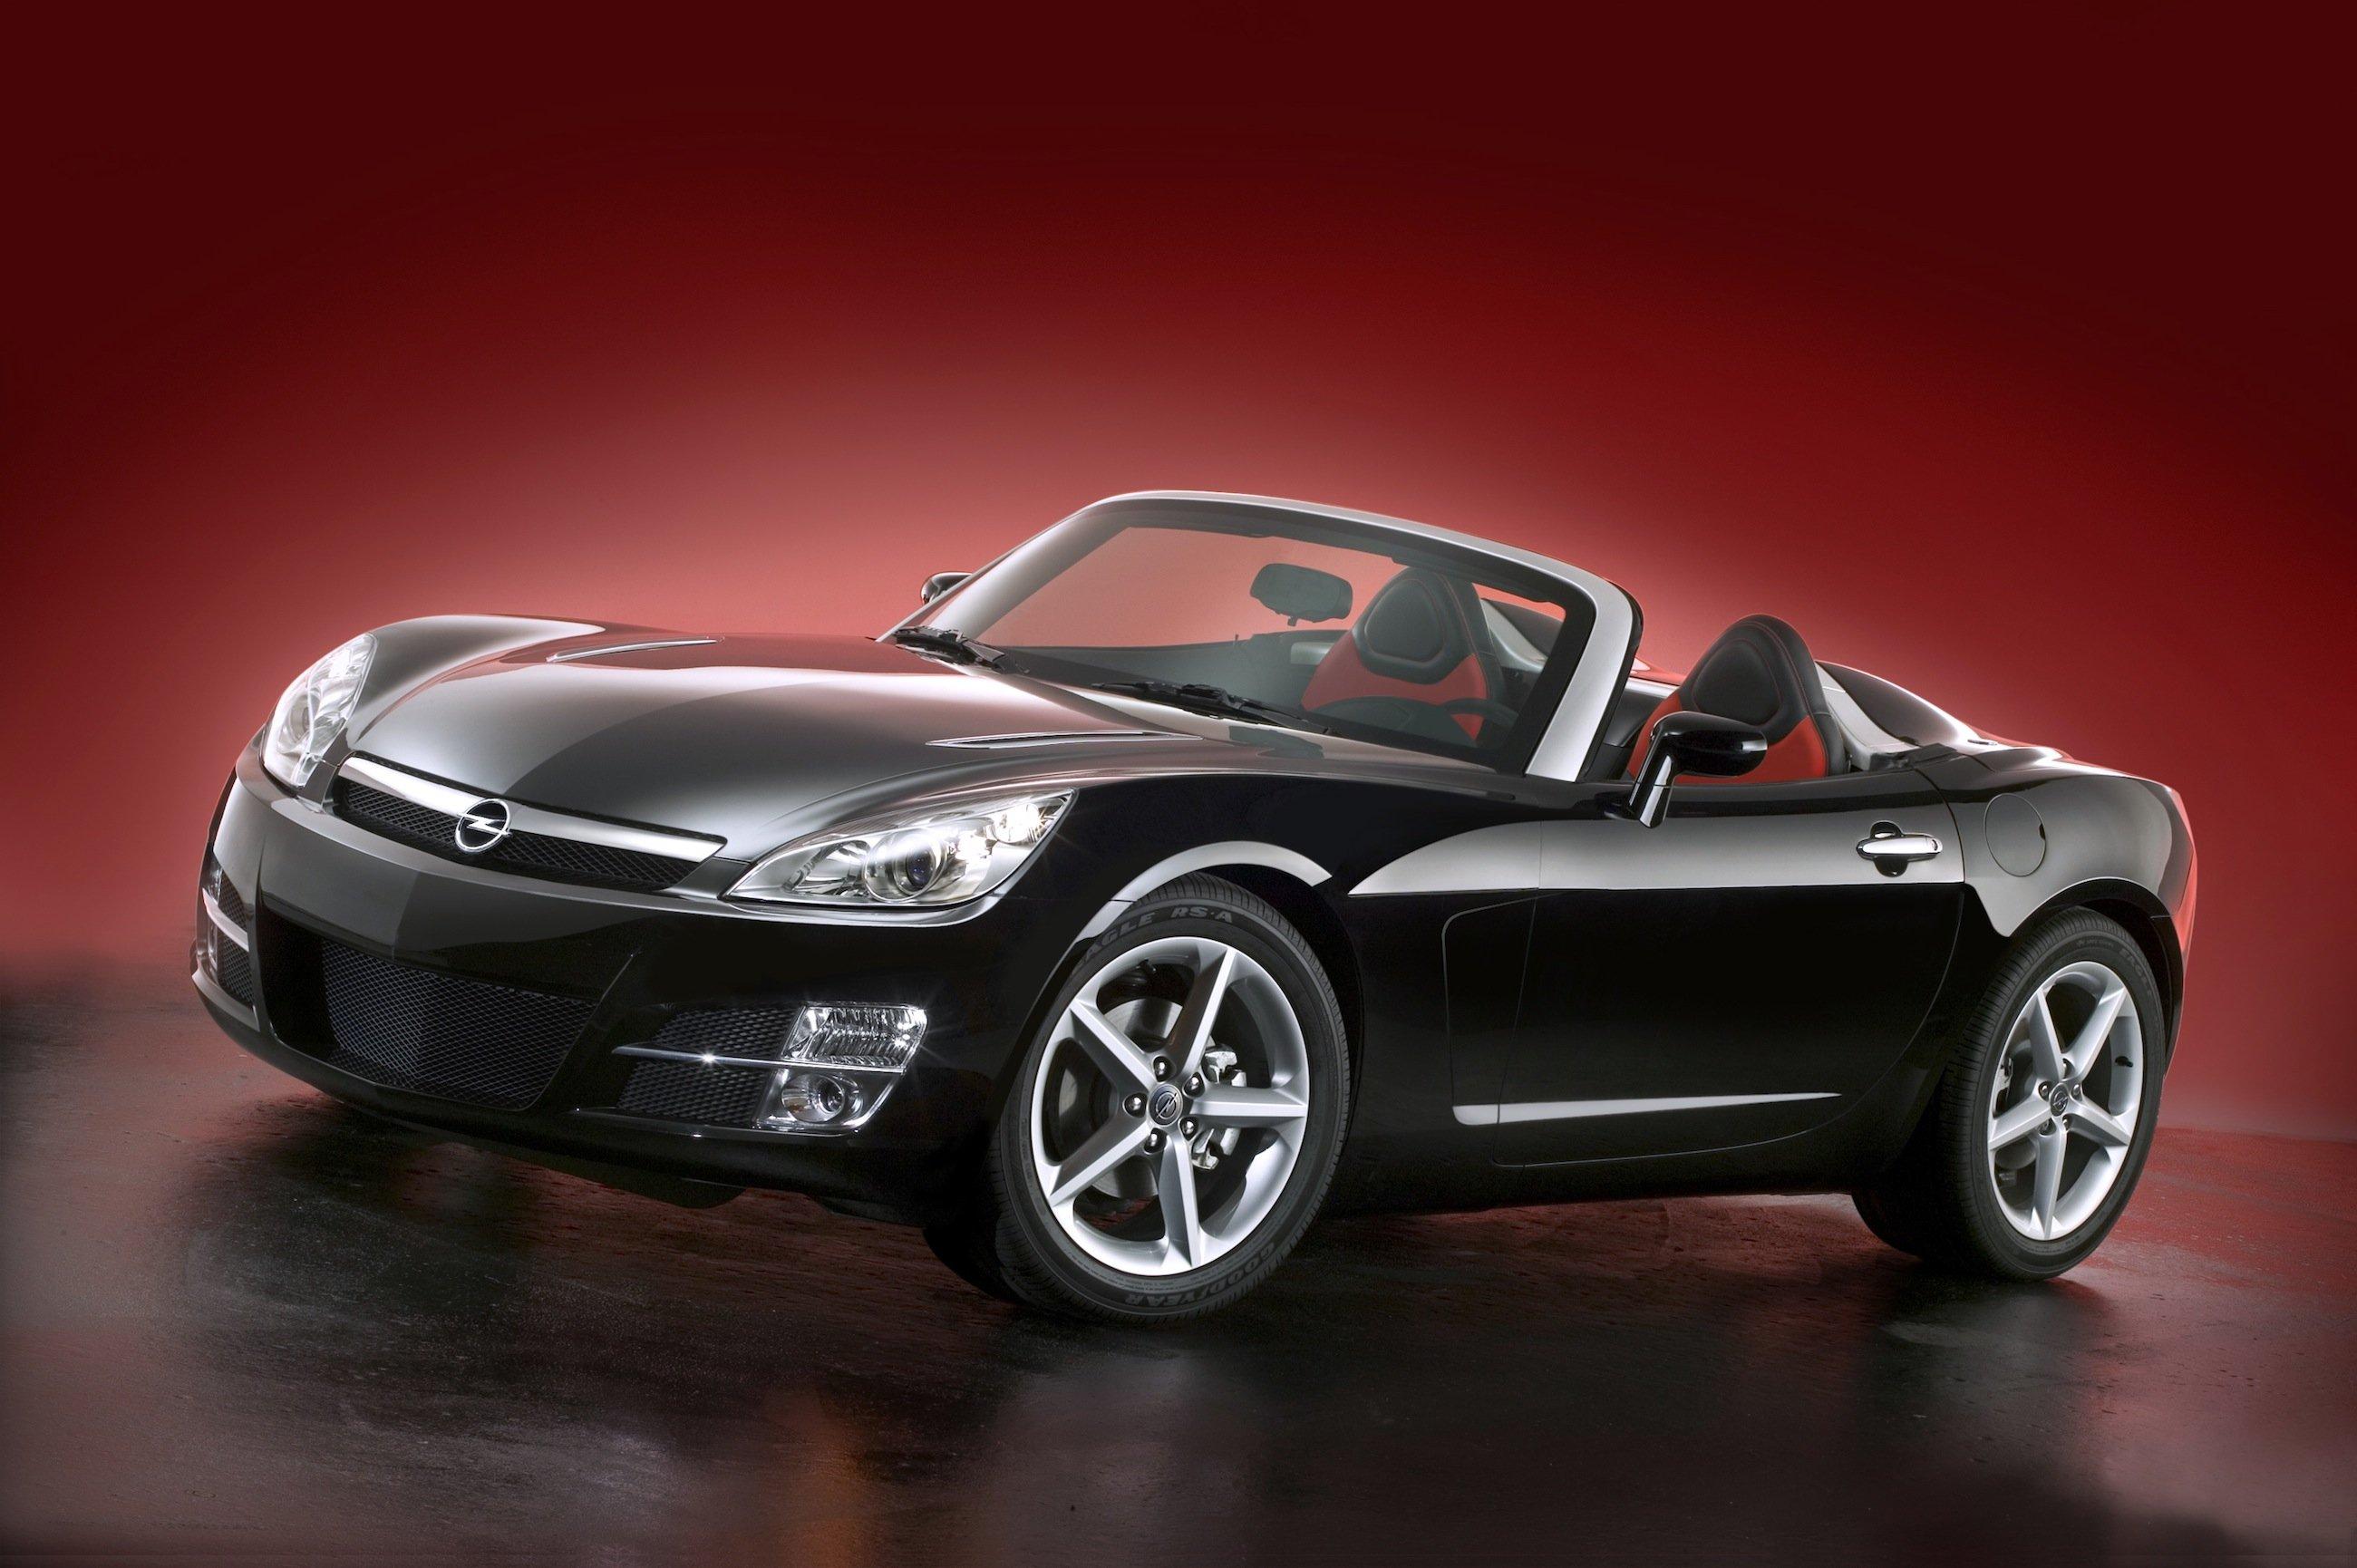 Von den Zündschloss-Problemen war in Deutschland nur der in den USA gebaute Opel GT betroffen.